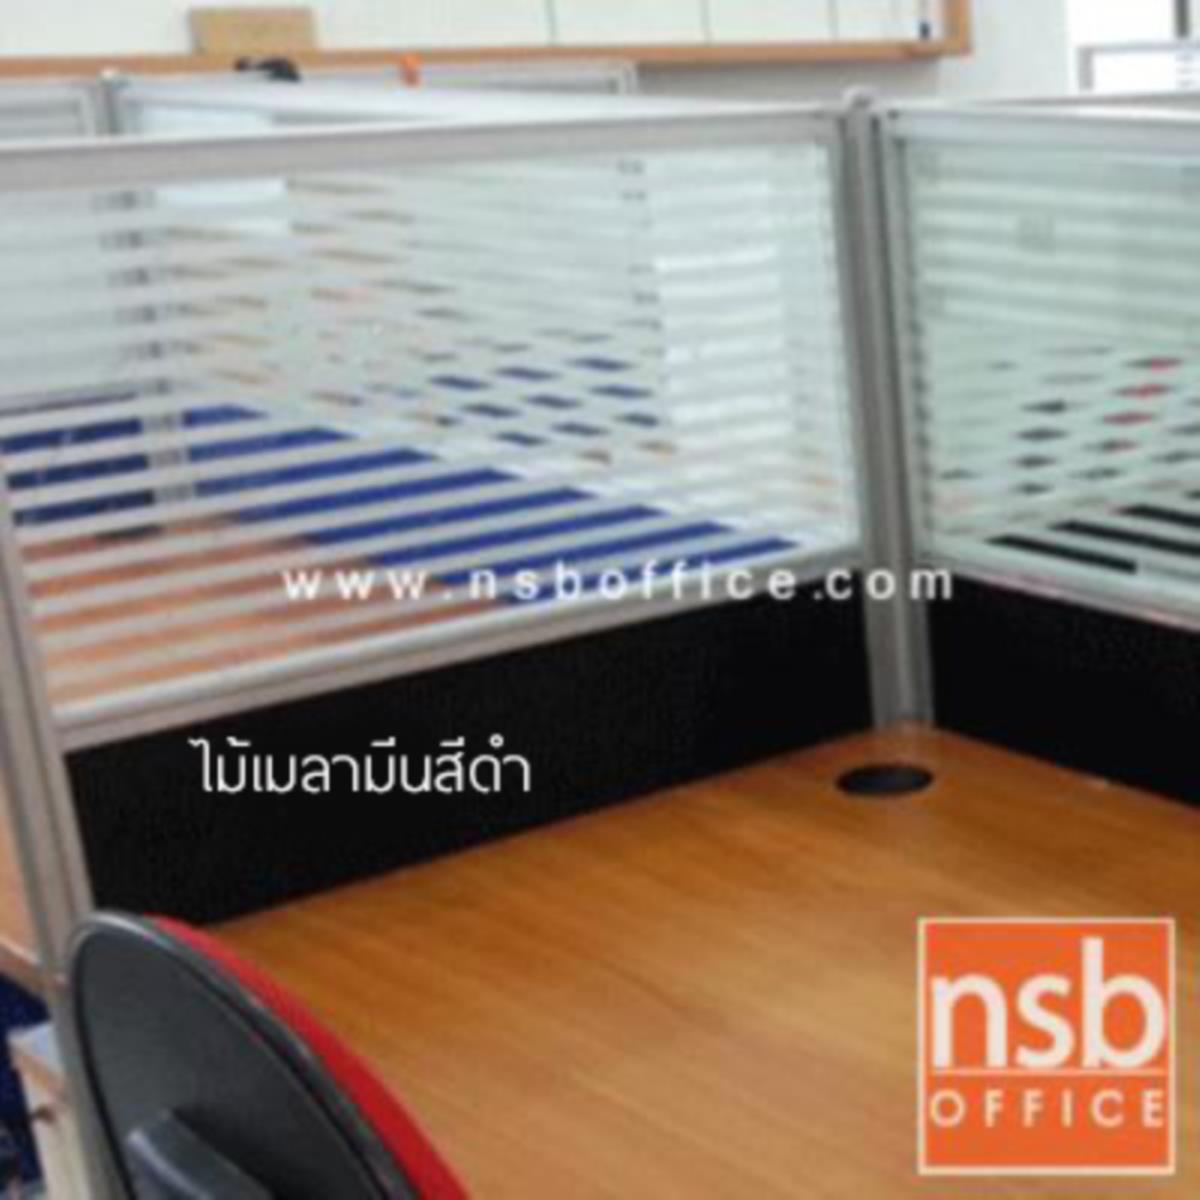 ชุดโต๊ะทำงานกลุ่ม 4 ที่นั่ง   ขนาดรวม 246W*122D cm. พร้อมพาร์ทิชั่นครึ่งกระจกขัดลาย